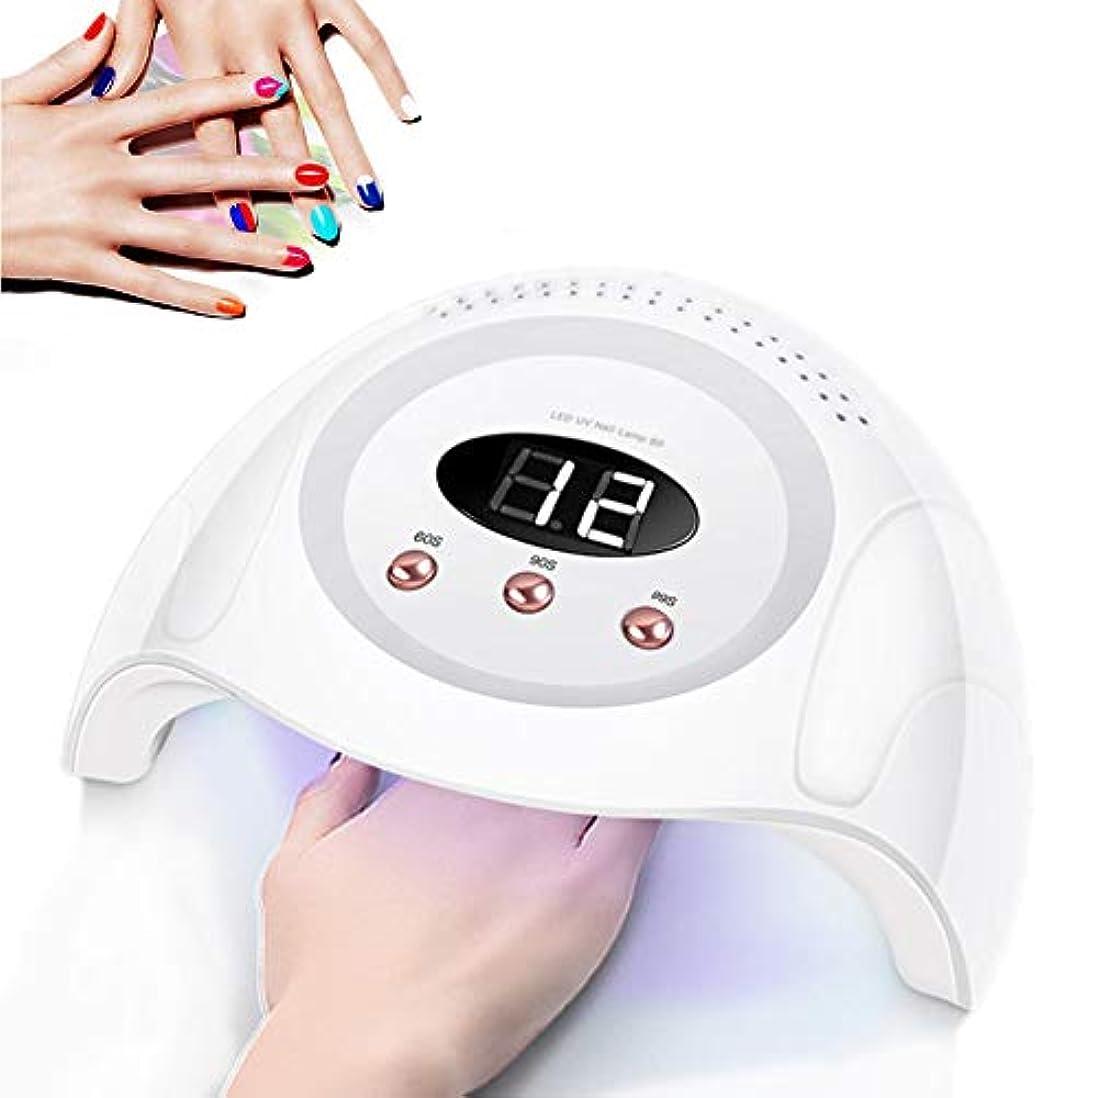 属する持っているロマンチック専門LEDの紫外線ゲルの釘ライト、紫外線ゲル/ゲルのマニキュアのための30のLEDのビード/センサー/ 3つのタイマーが付いている90Wマニキュアのドライヤーライト治癒ライト